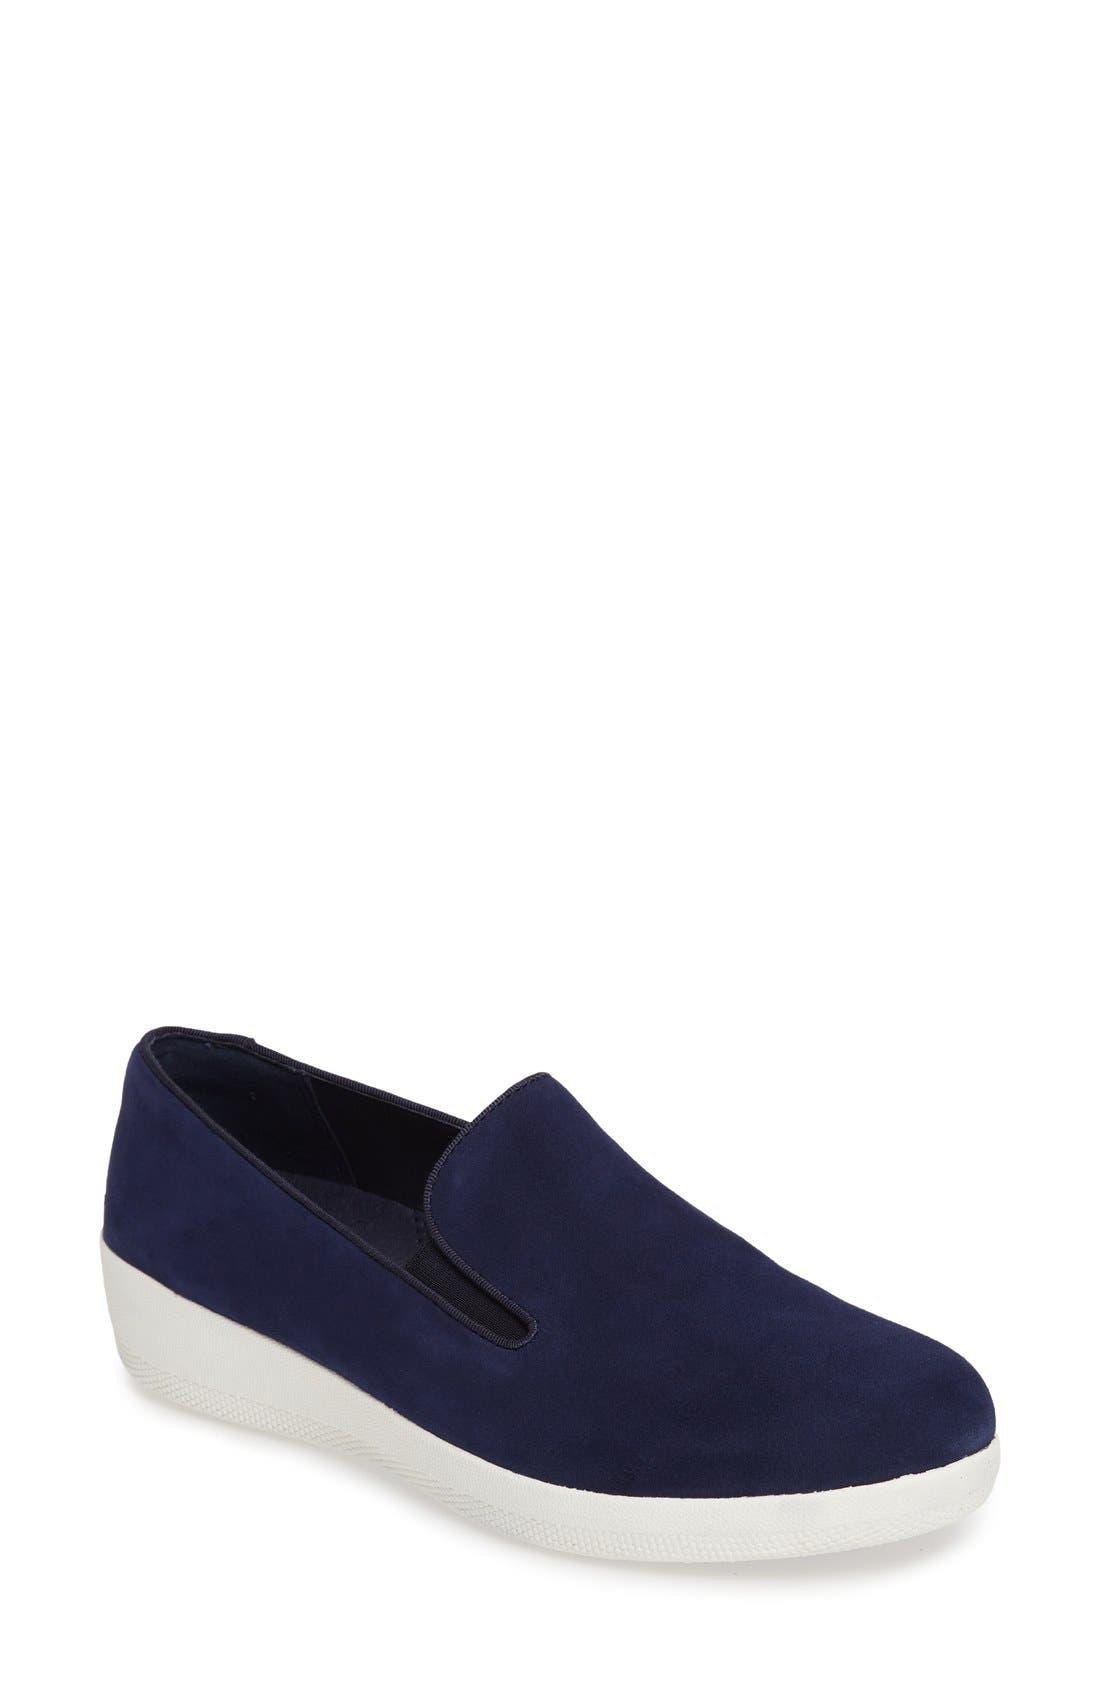 Superskate Slip-On Sneaker,                             Main thumbnail 14, color,